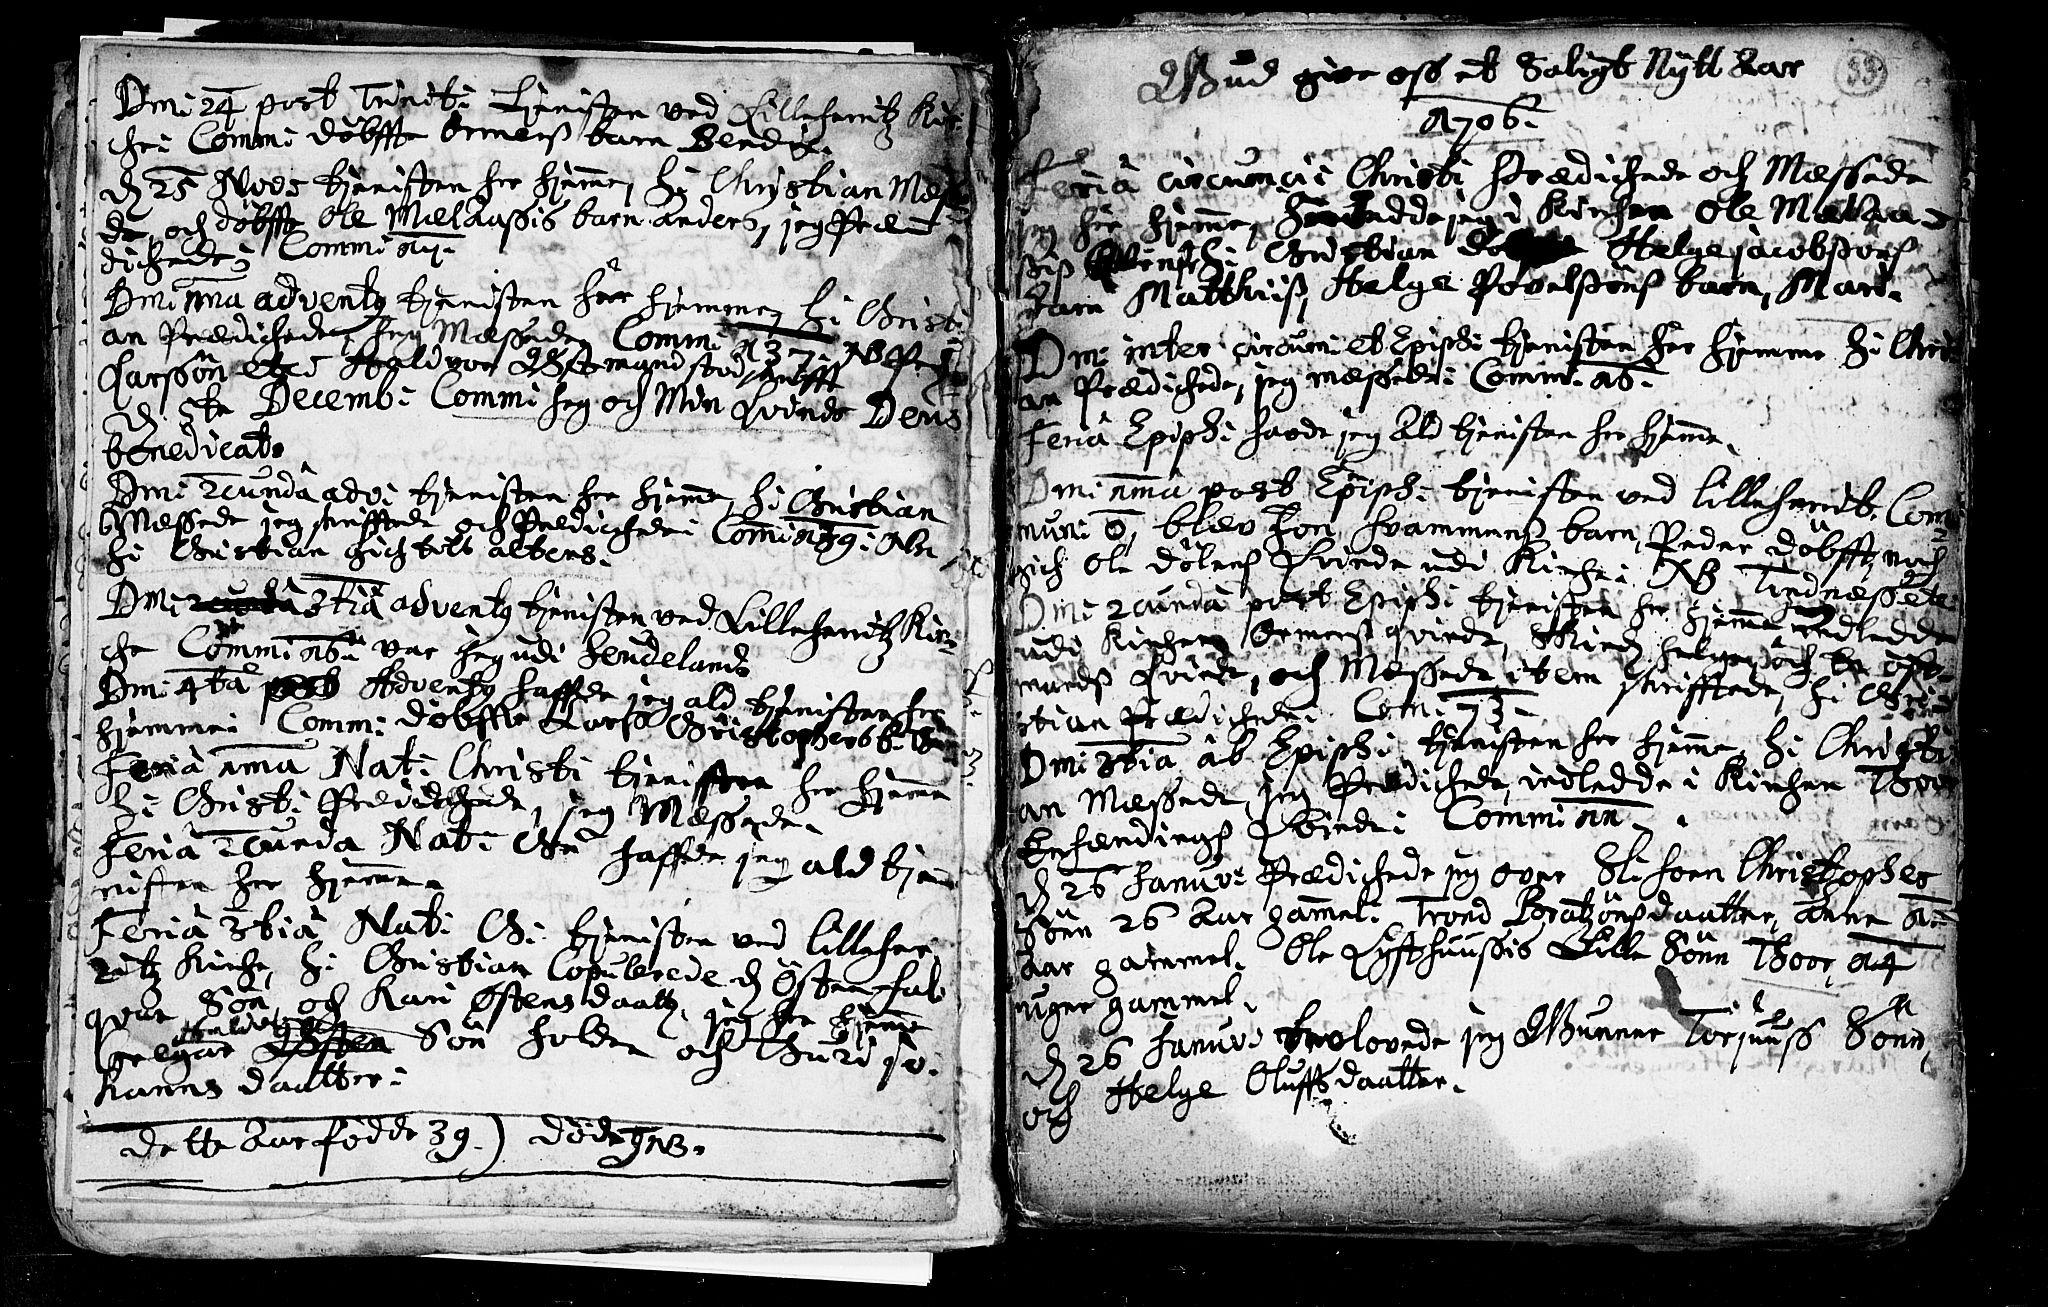 SAKO, Heddal kirkebøker, F/Fa/L0002: Ministerialbok nr. I 2, 1699-1722, s. 33